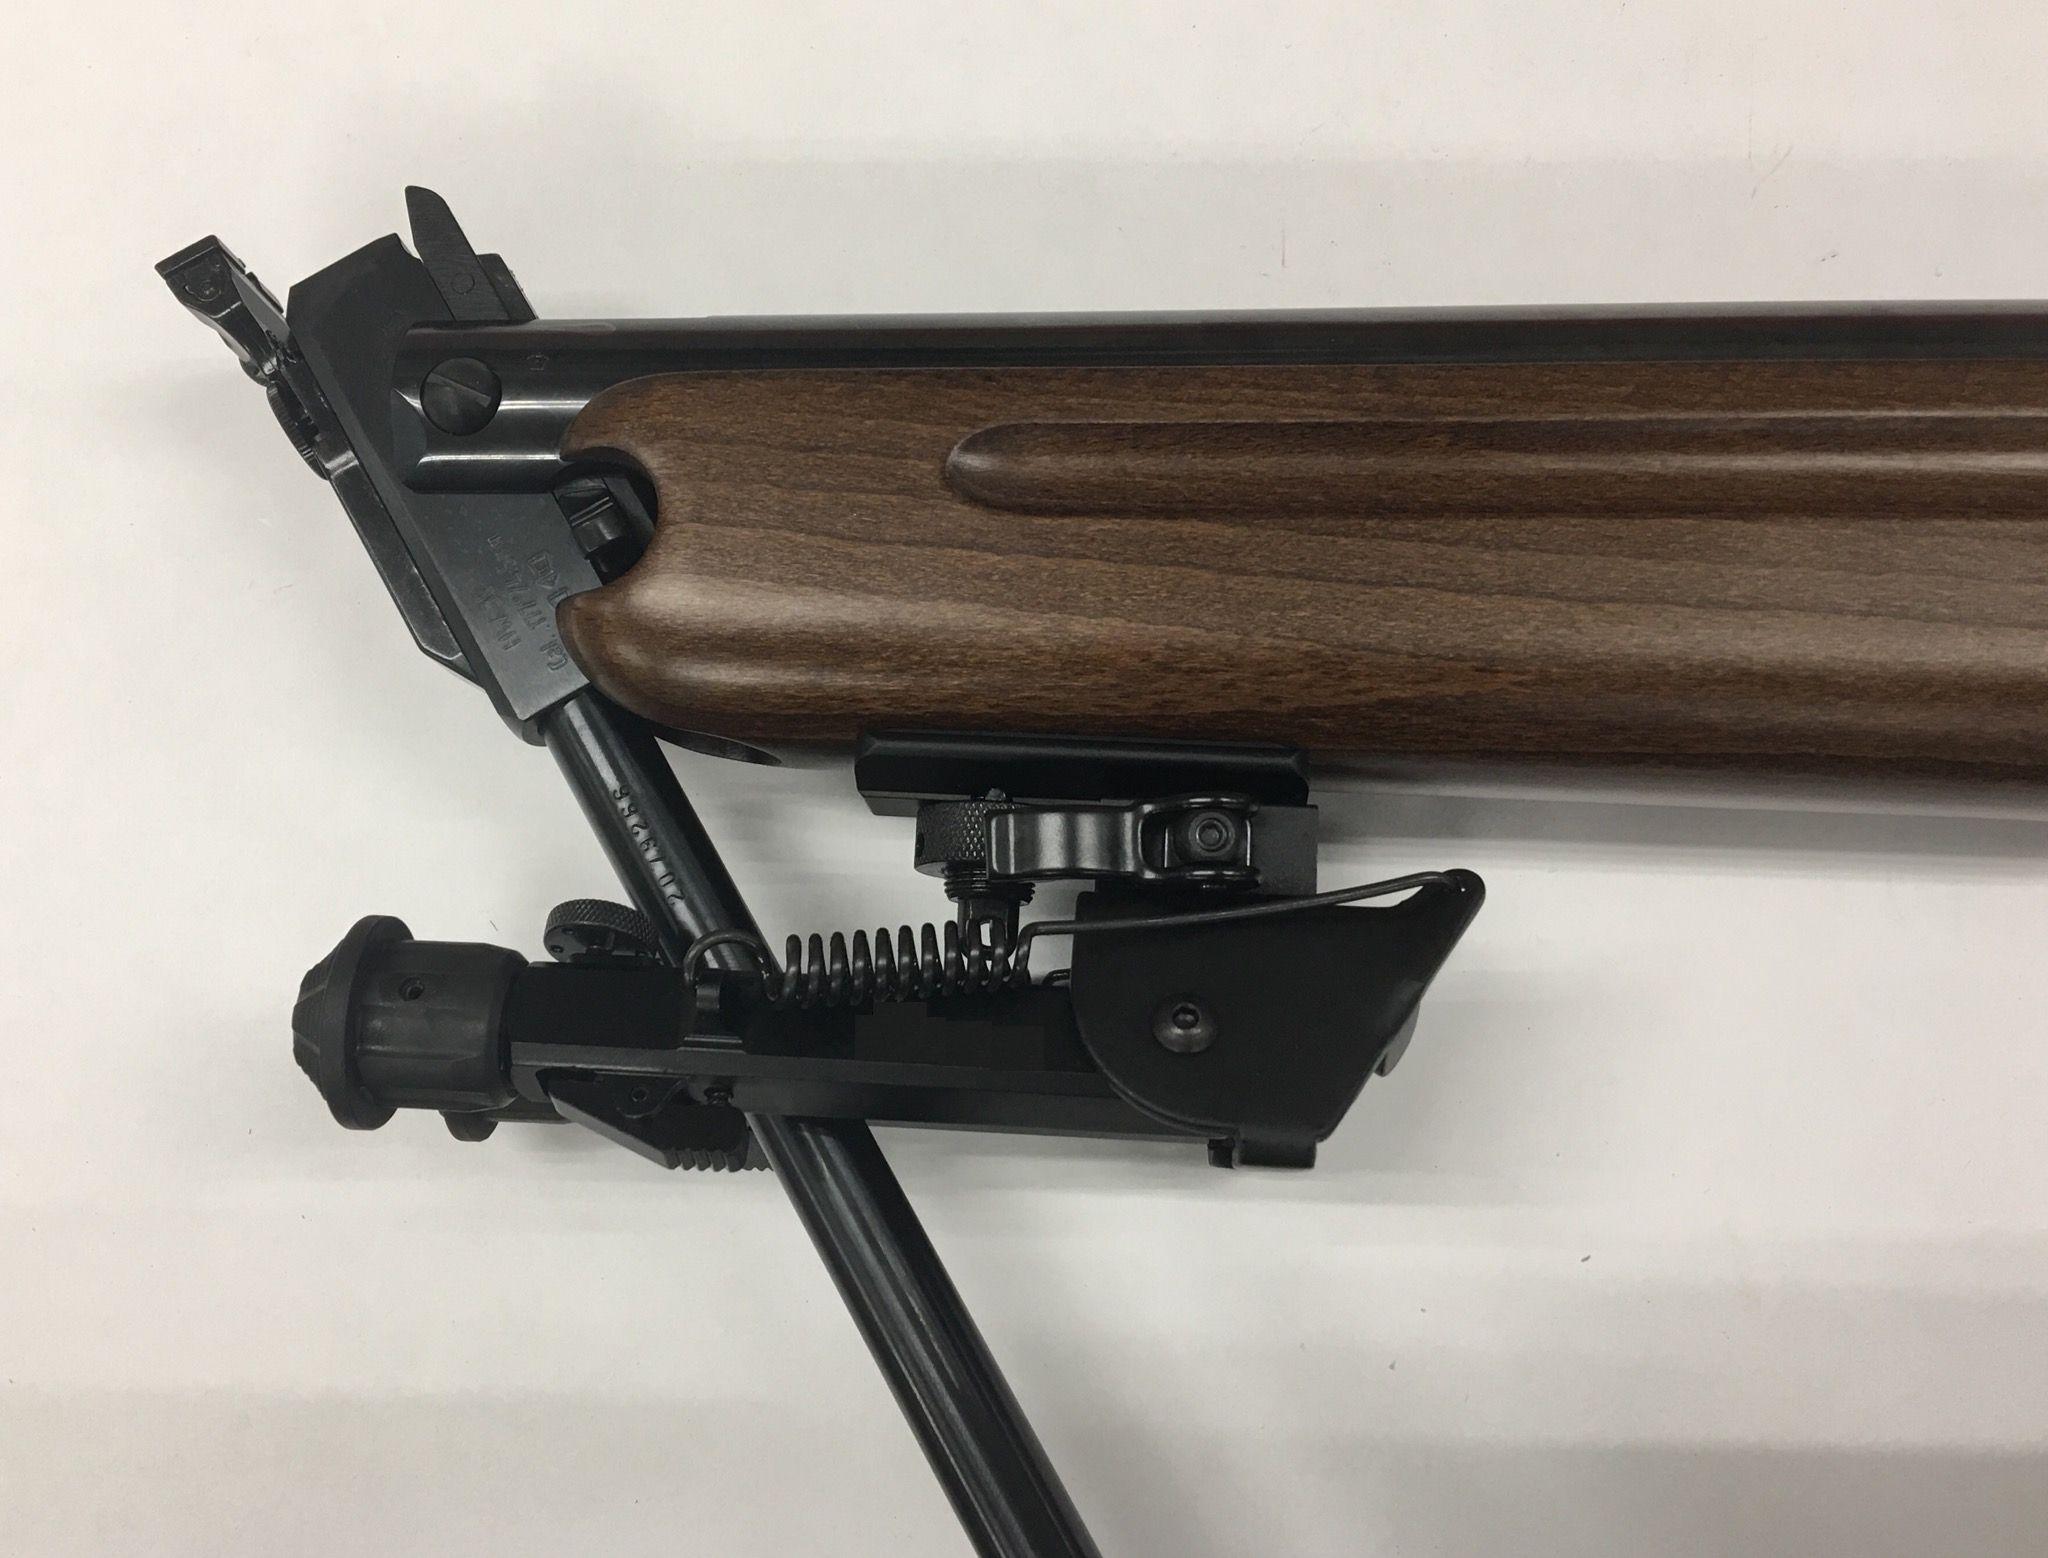 Montagebeispiel am Kipplauf- Luftgewehr HW 35. Um dieses zwei Bein beispielsweise am HW 35 zu befestigen, ist eine Rebenöse Zusätzlicherforderlich.